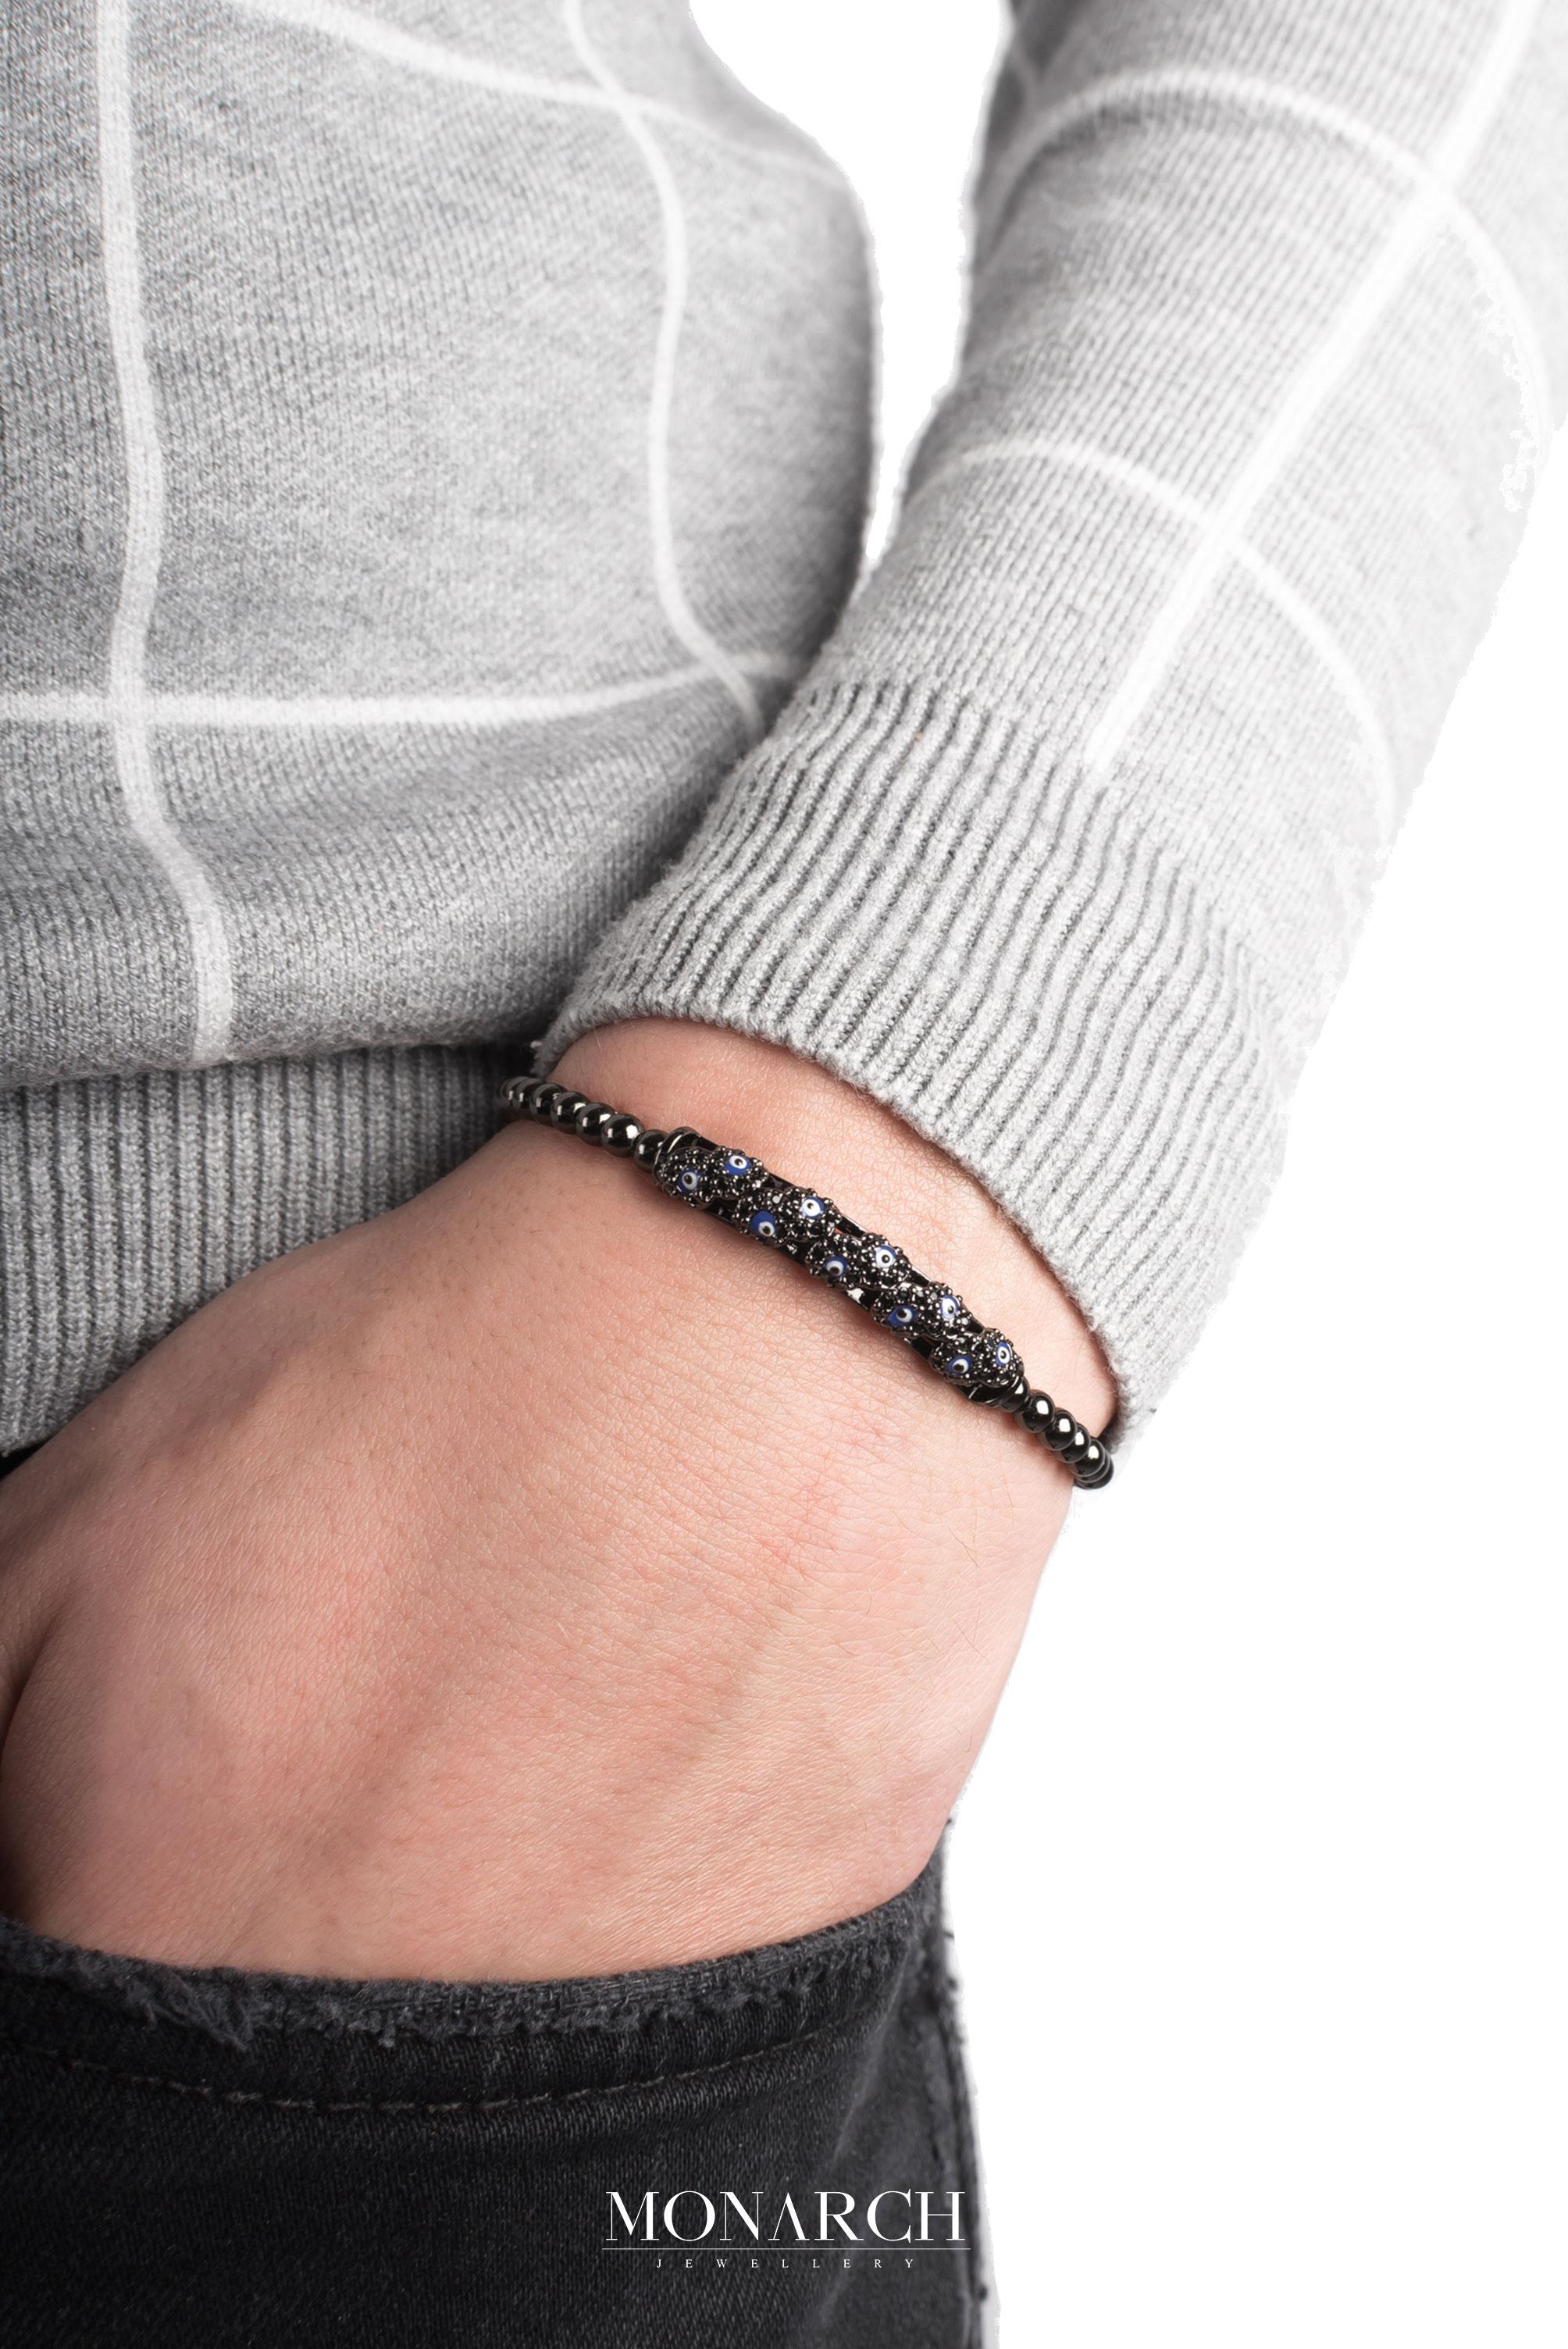 black luxury bracelet for man, monarch jewellery MA144NEE